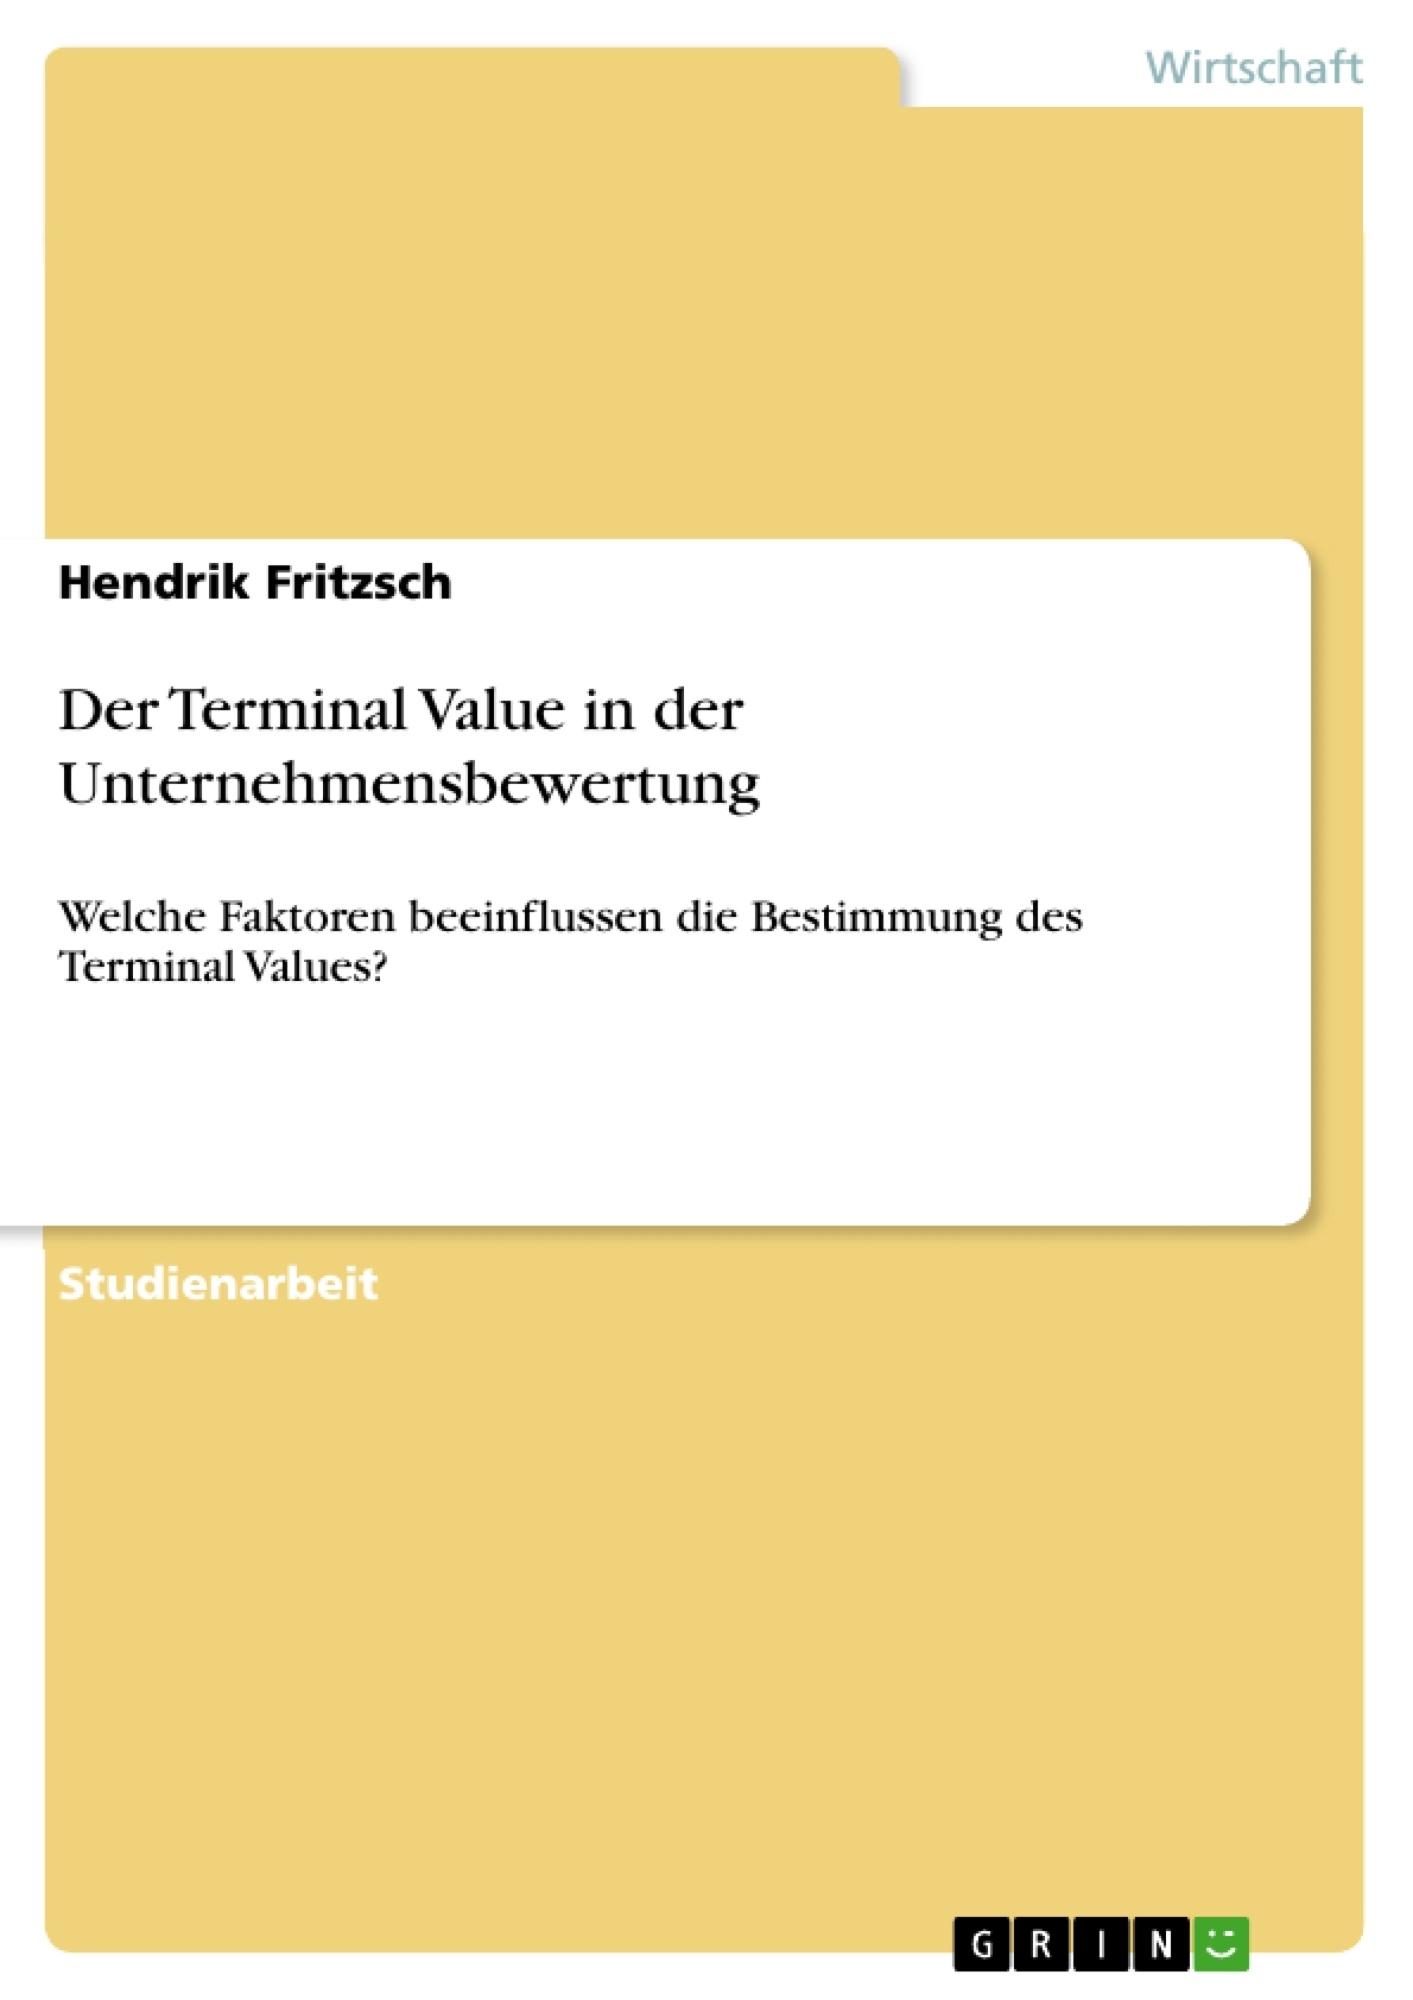 Titel: Der Terminal Value in der Unternehmensbewertung